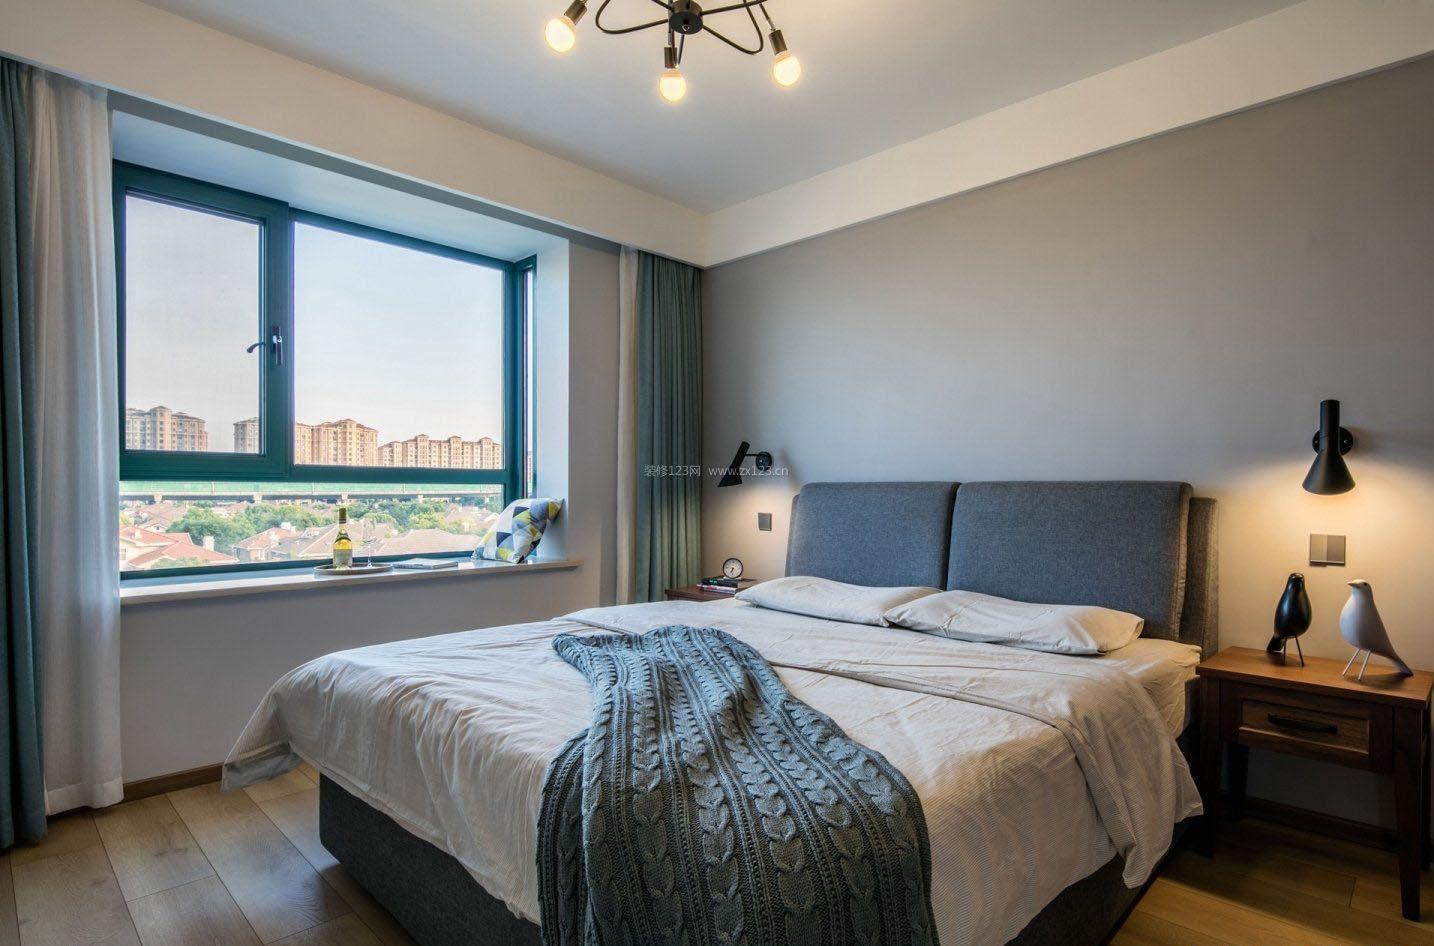 六十平米房子卧室壁灯装修设计效果图